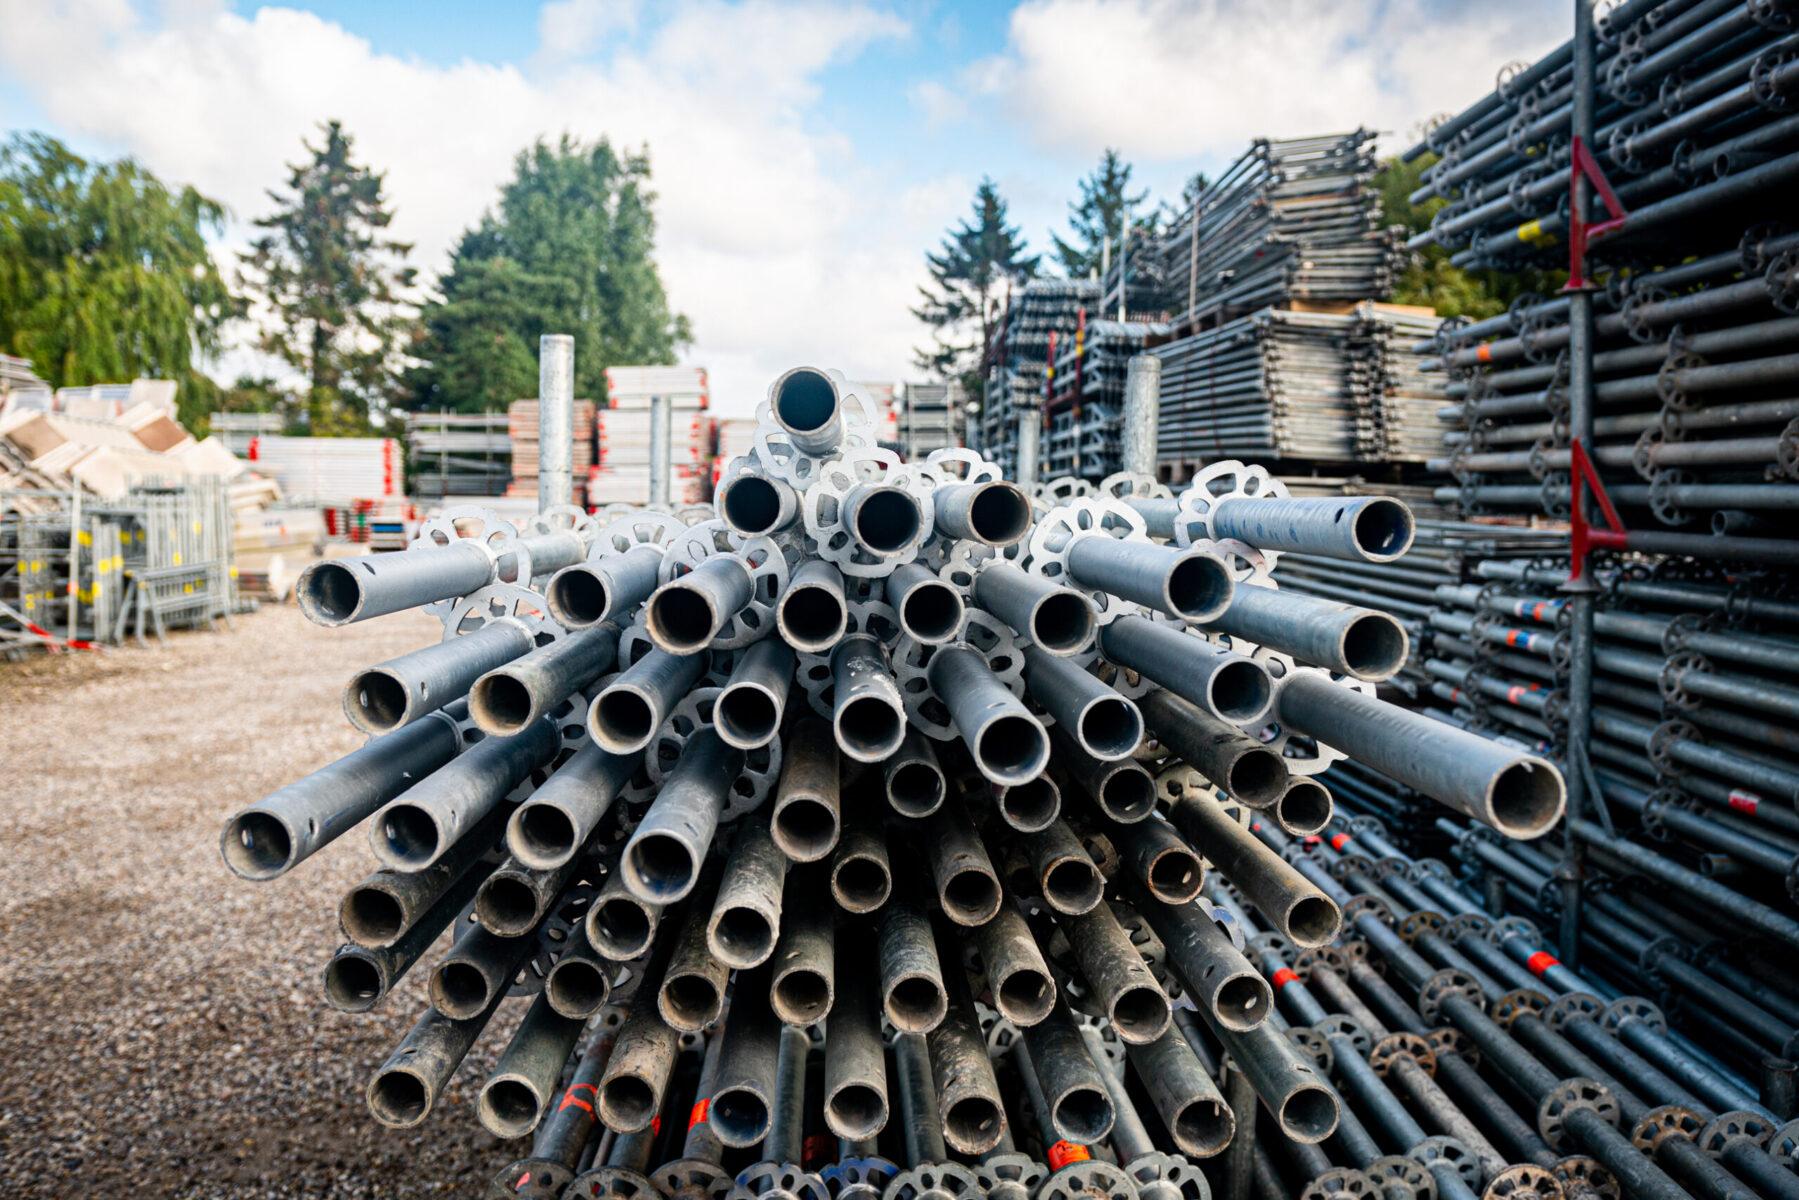 Søjlestillads anvendes til stilladsløsninger til facade-, murer-, hænge-, industristillads, materialetårn m.m.